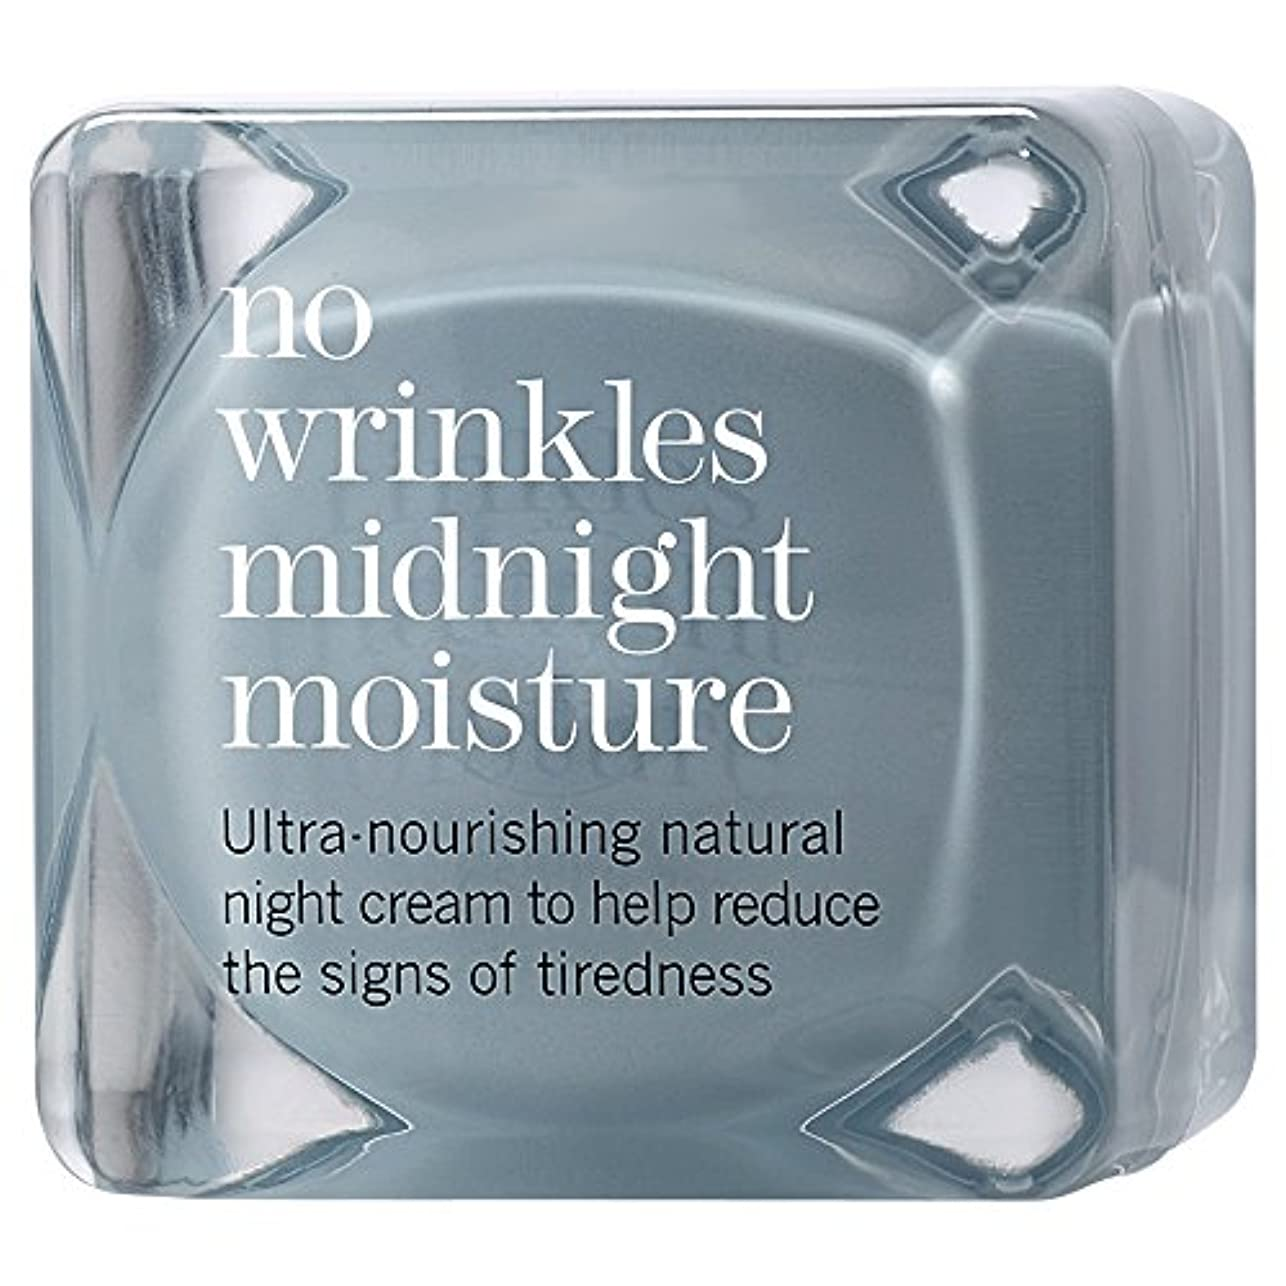 神学校ハイランド性別これにはしわ真夜中の水分48ミリリットルの作品はありません (This Works) (x6) - This Works No Wrinkles Midnight Moisture 48ml (Pack of 6) [並行輸入品]